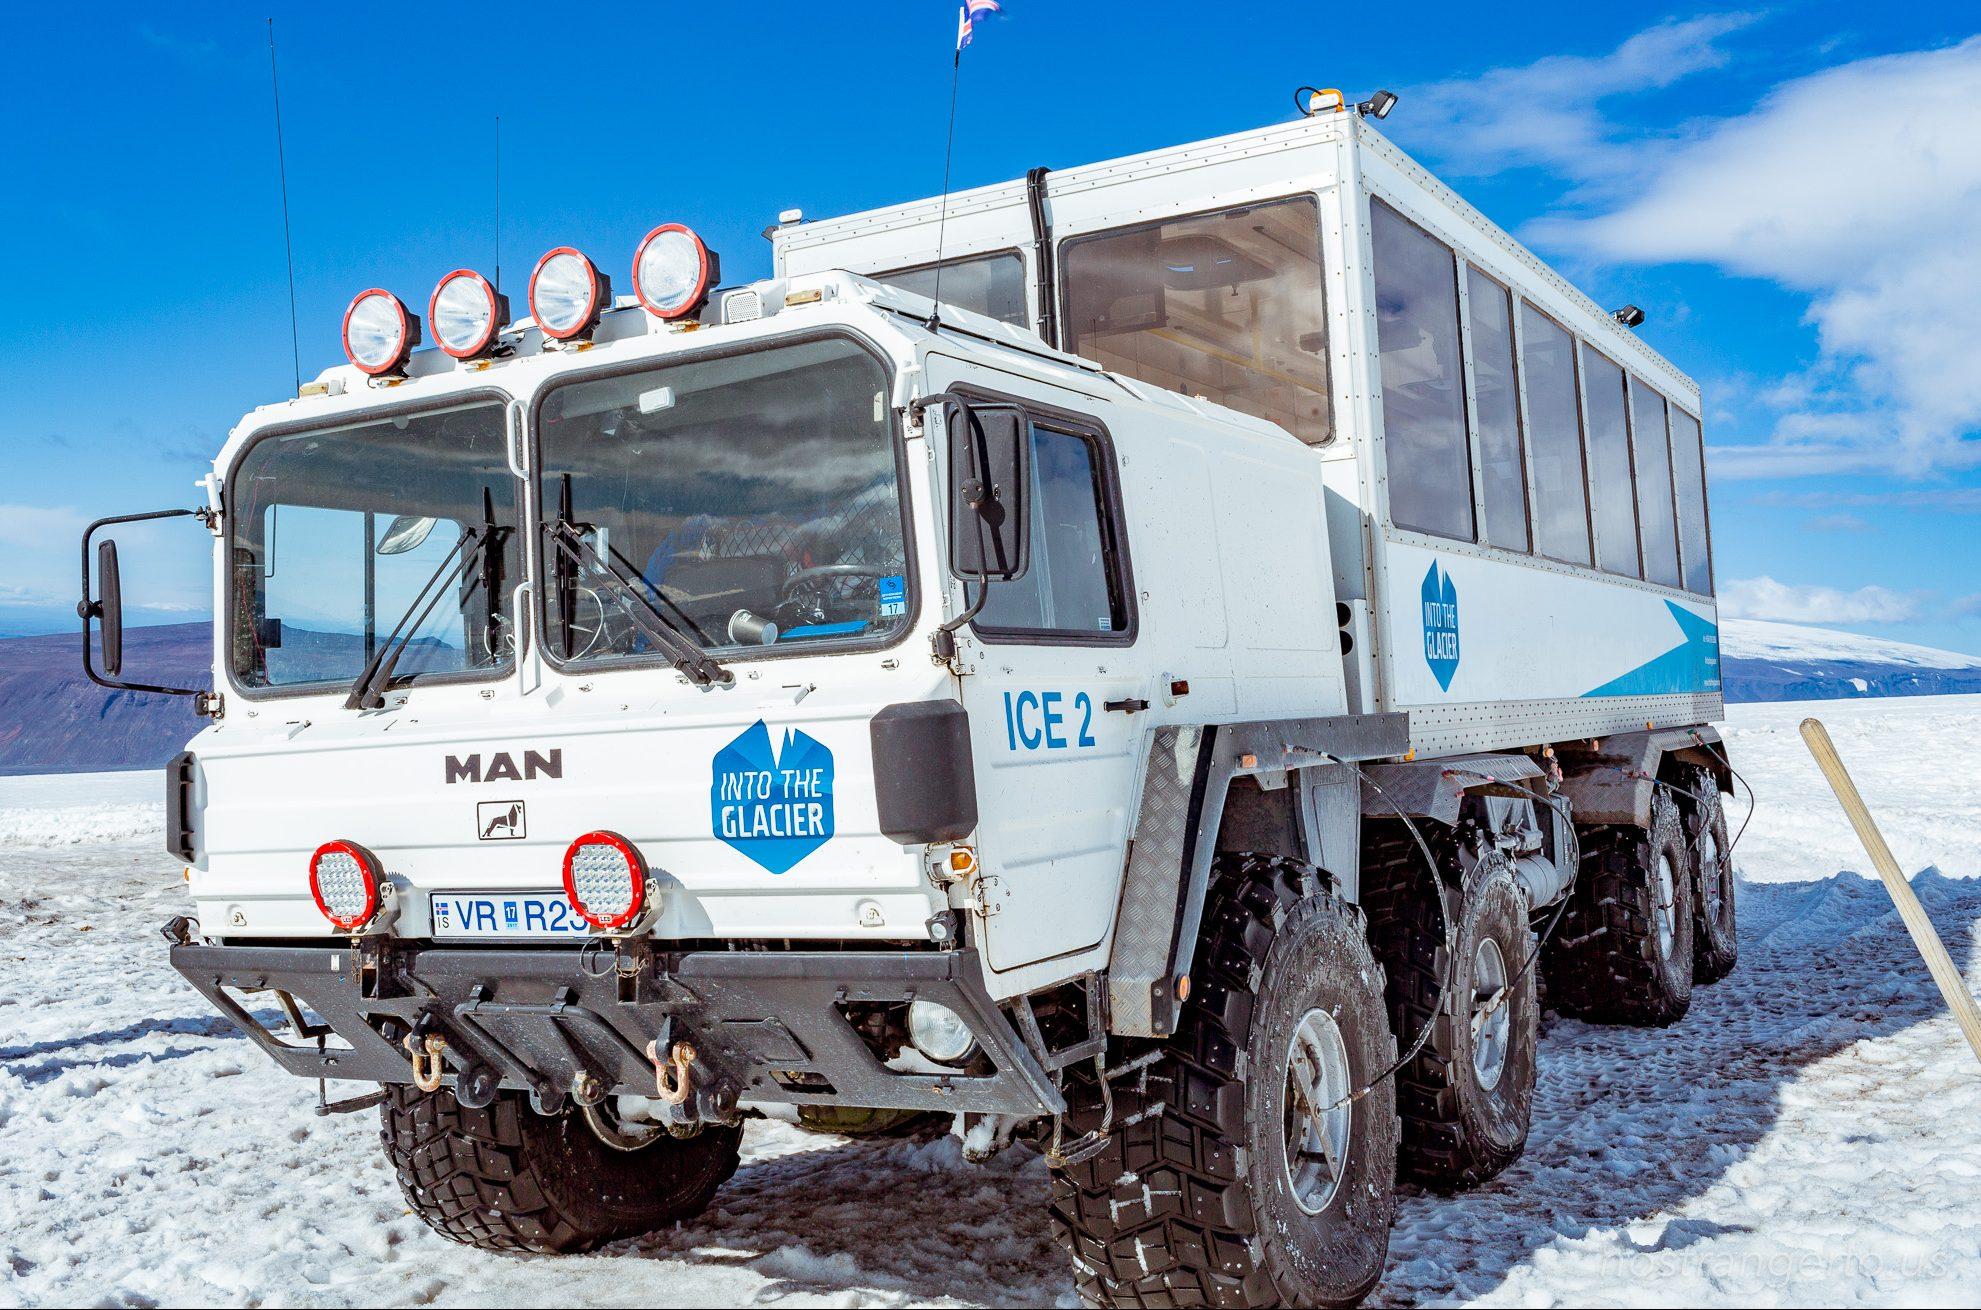 Iceland Glacier - MAN Missile Transport #intotheglacier